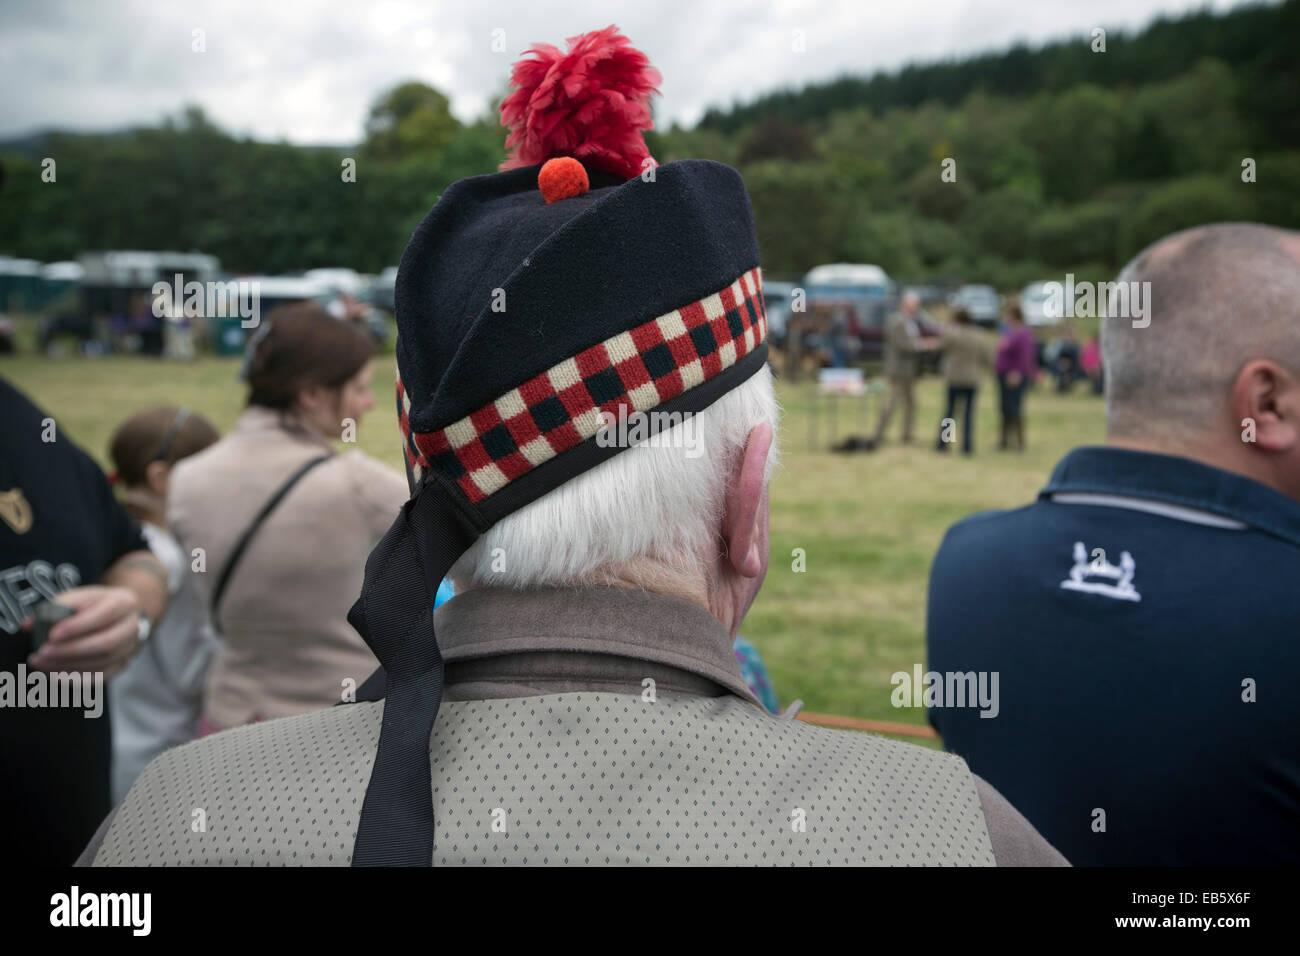 Un hombre que llevaba un sombrero tradicional escocesa Glengarry viendo el  espectáculo en la sociedad agrícola d81c2240123